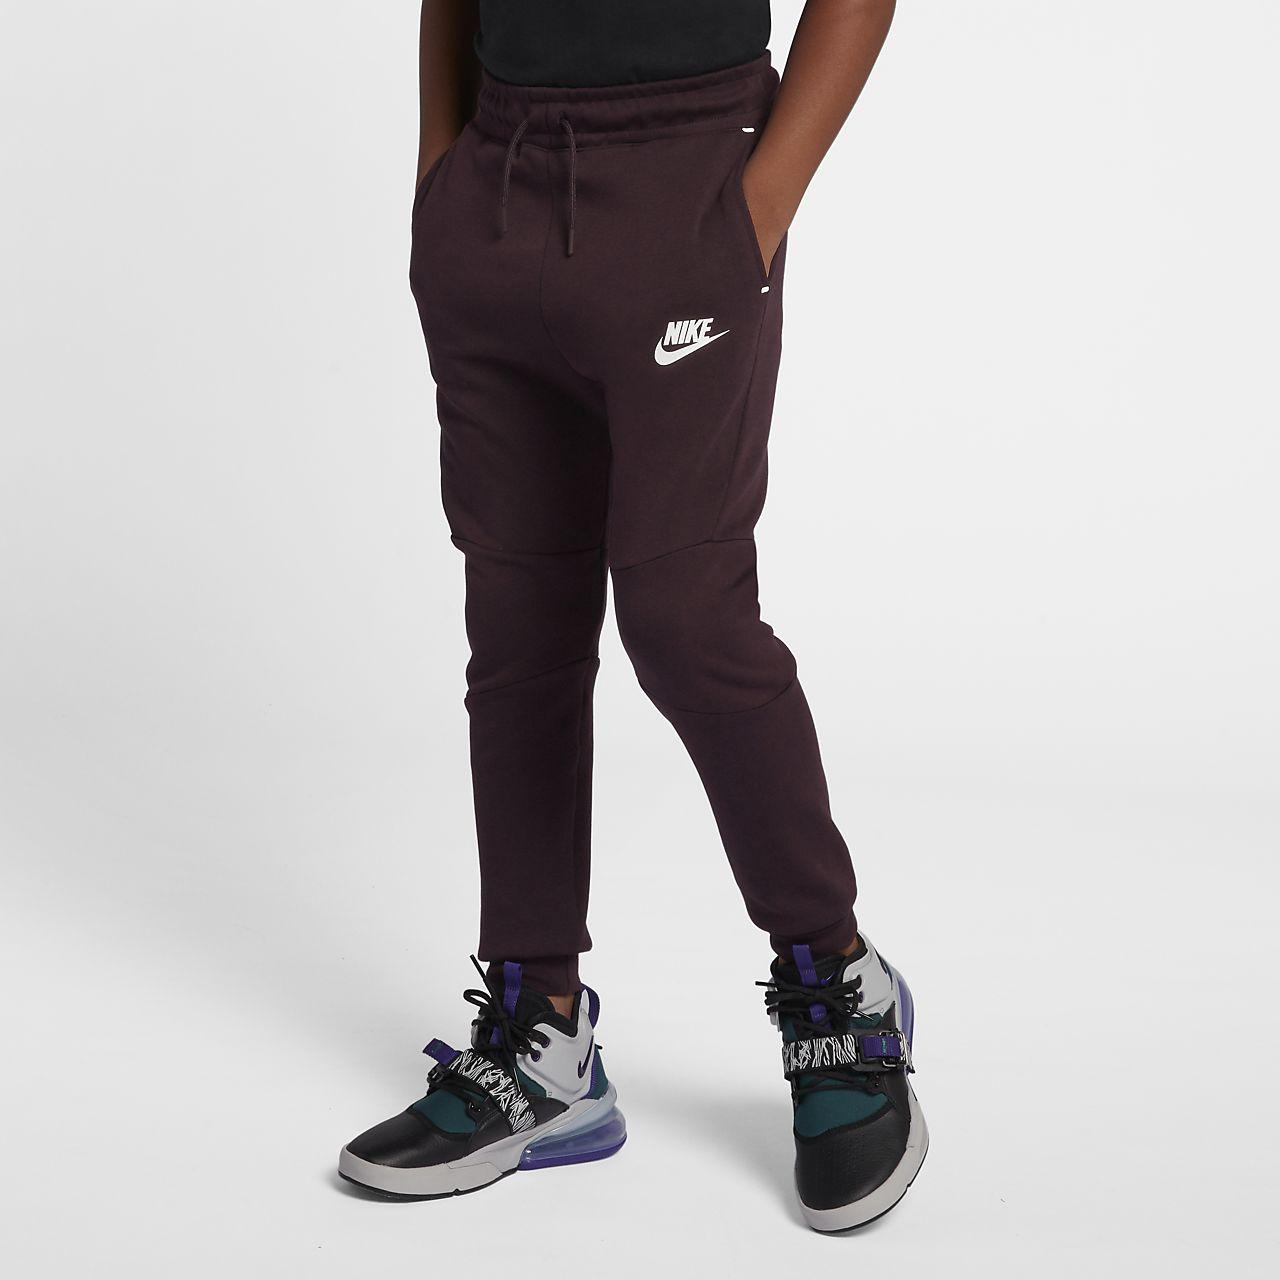 677286ae413d Nike Sportswear Older Kids  Tech Fleece Trousers. Nike.com IE